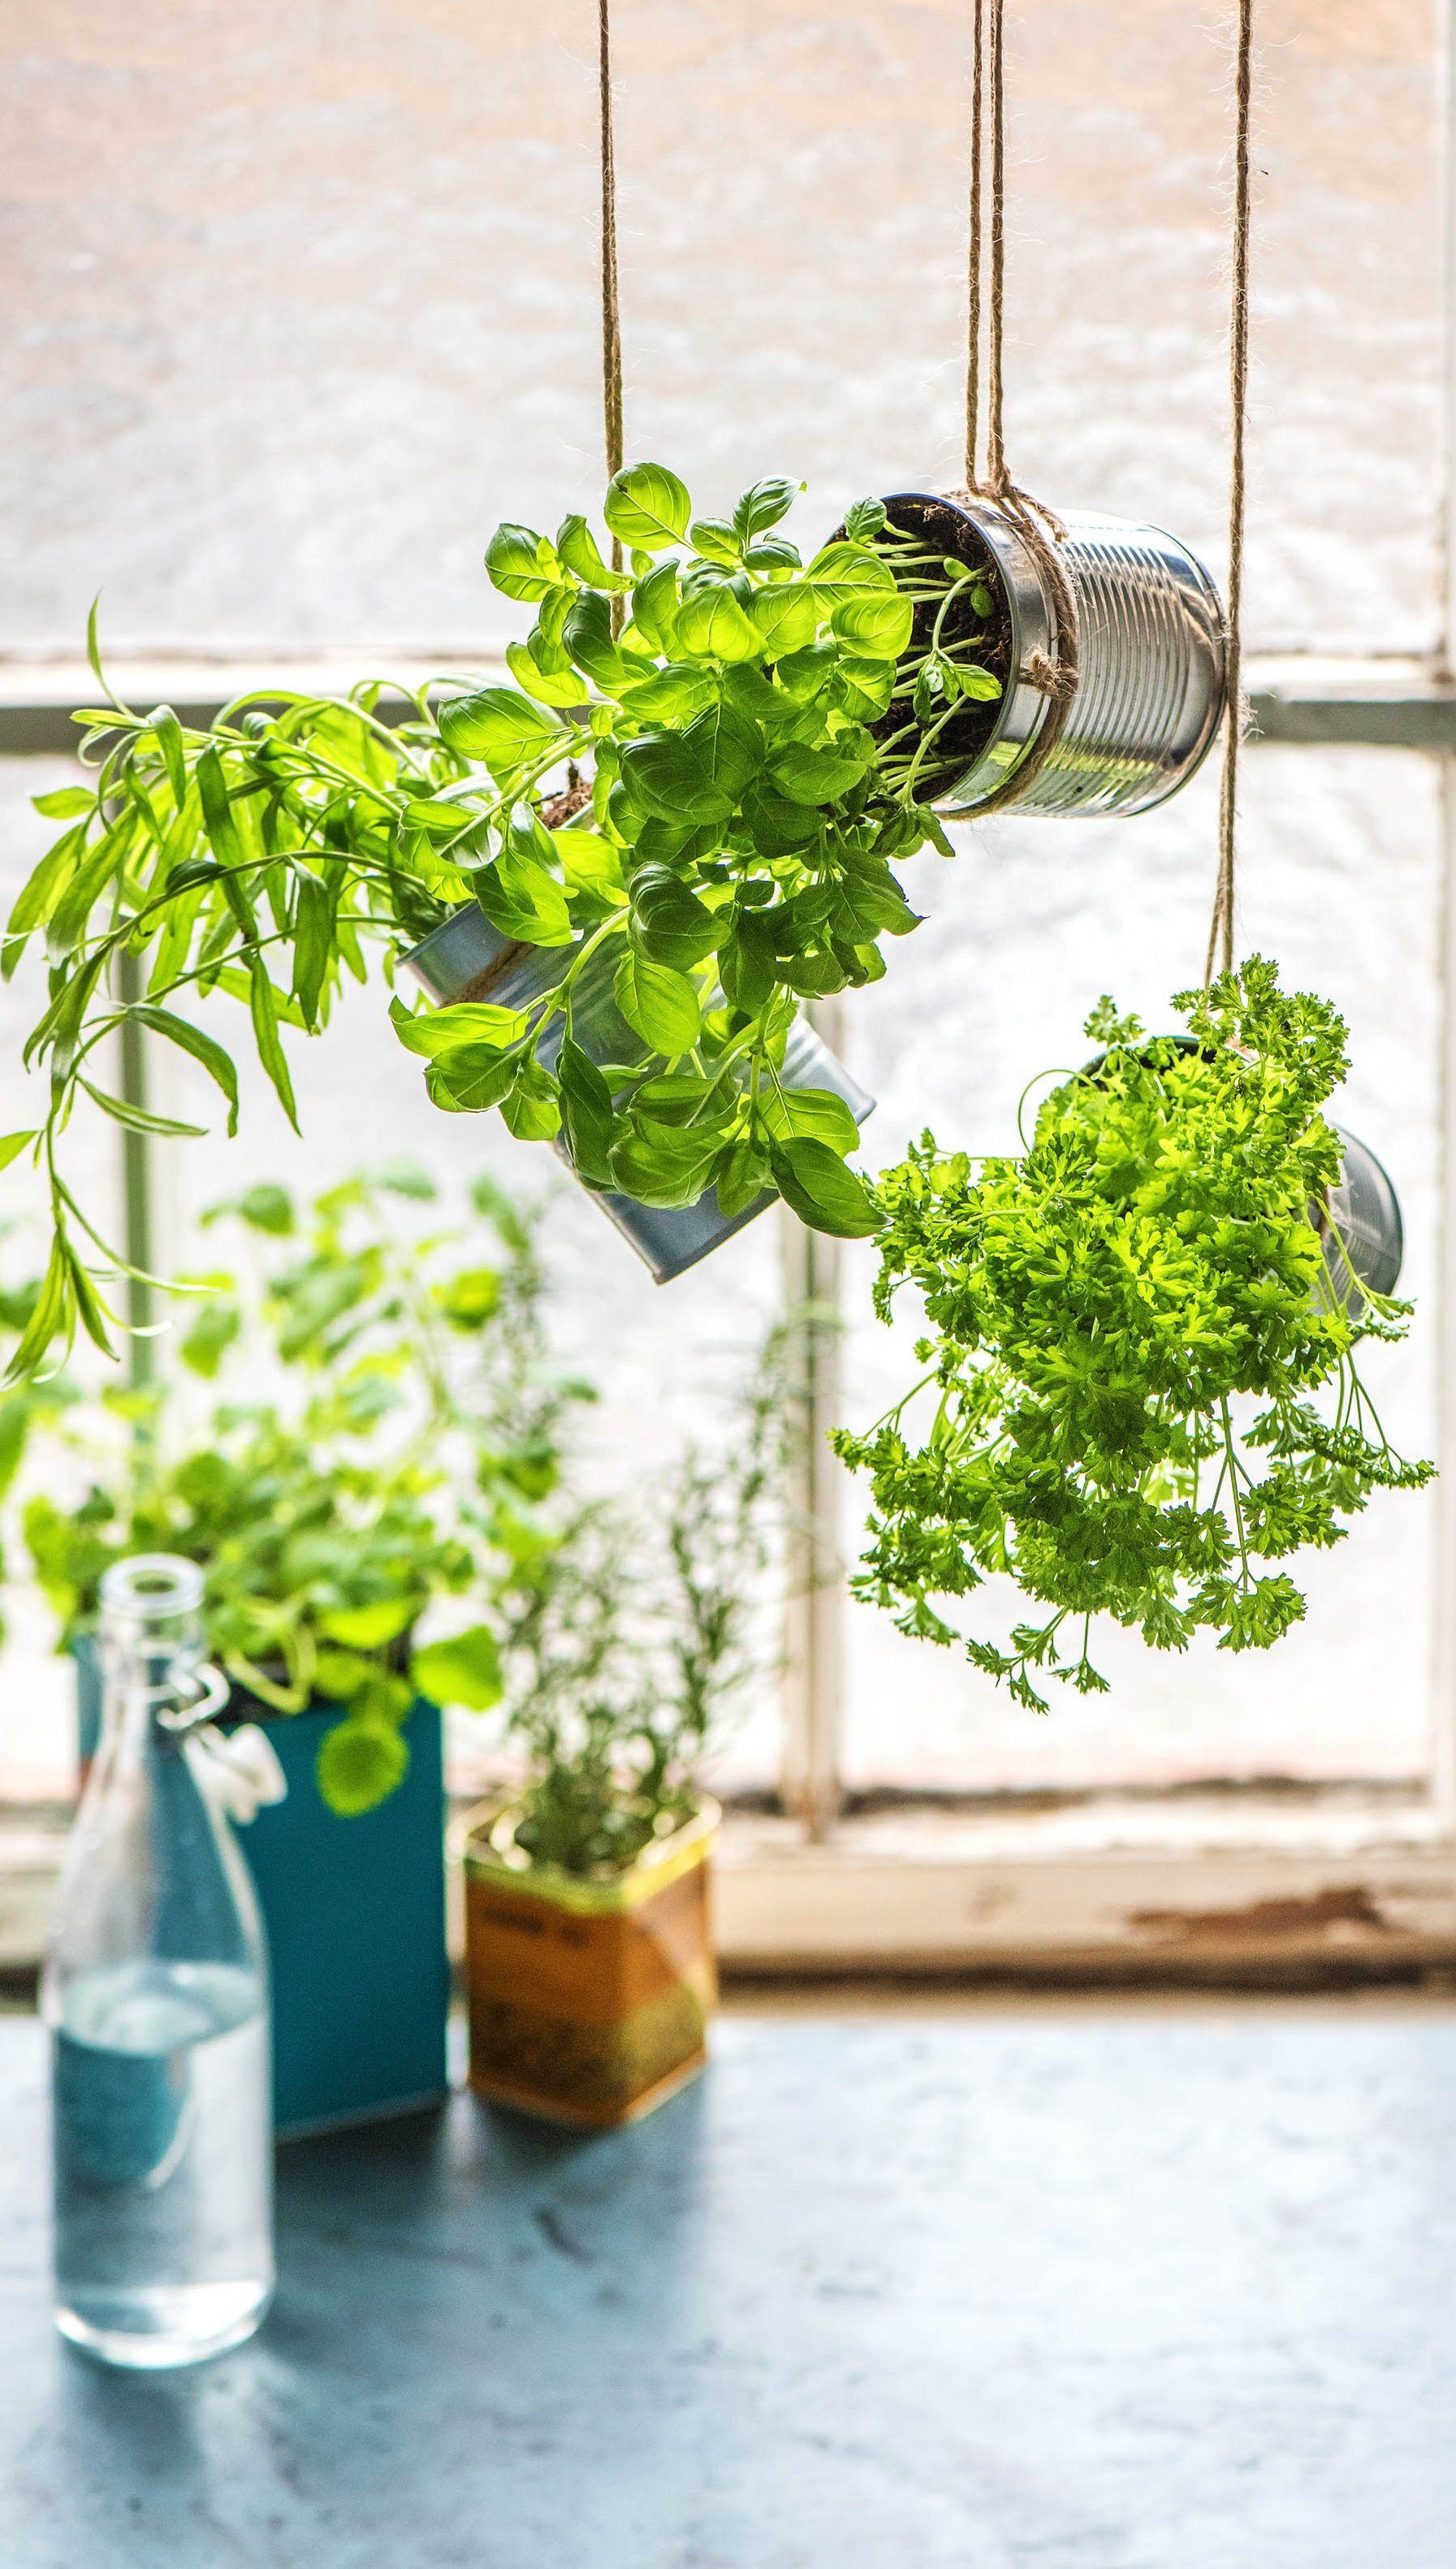 Selbstgemachter Kräutergarten Küche | Einfach selber machen ...